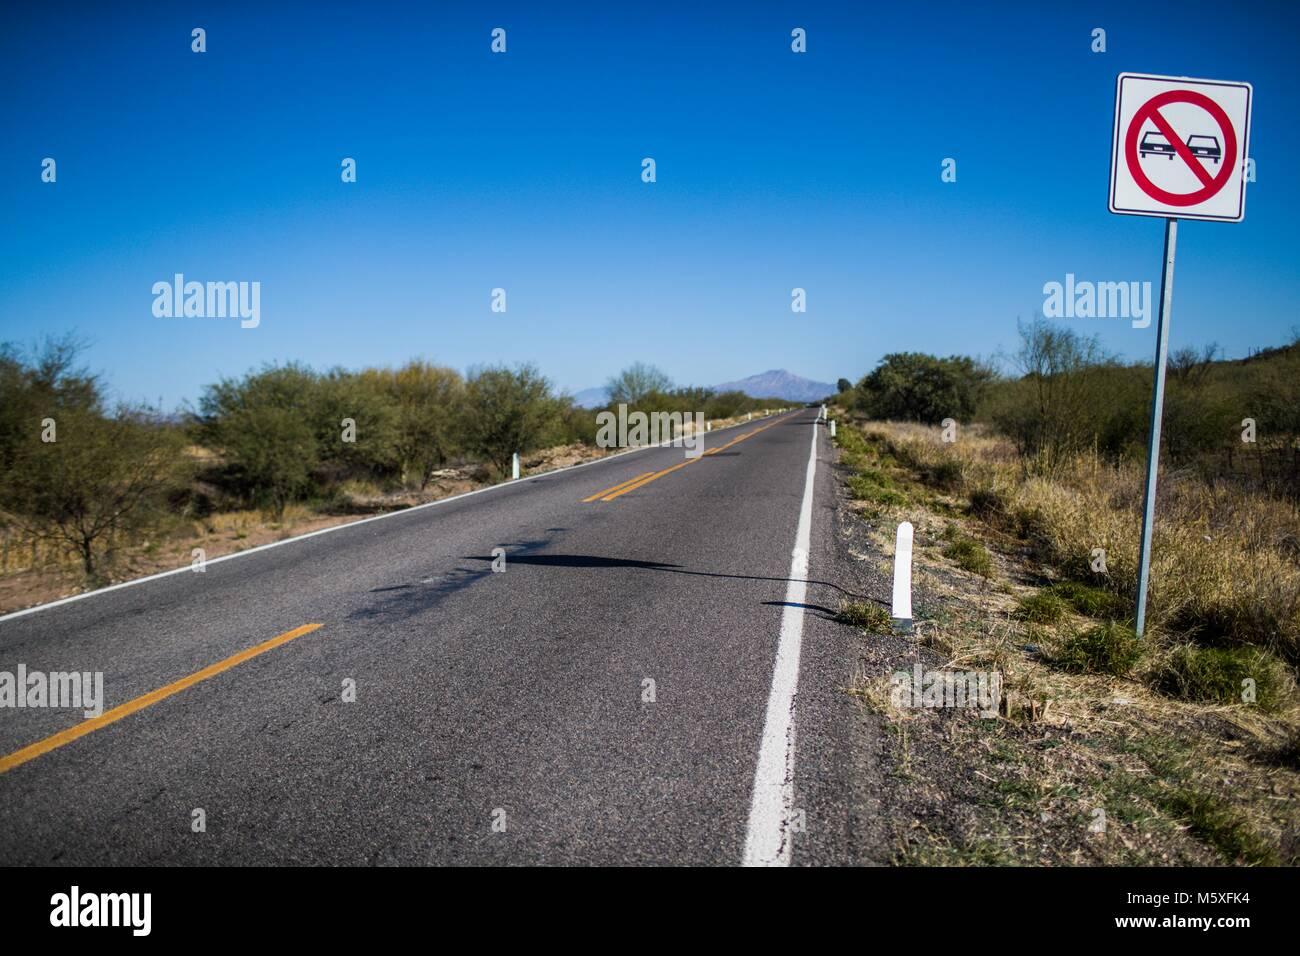 La autopista estatal rumbo a Nacozari. Ruta de la sierra de Sonora, México. La señalización no rebaja. Imagen De Stock